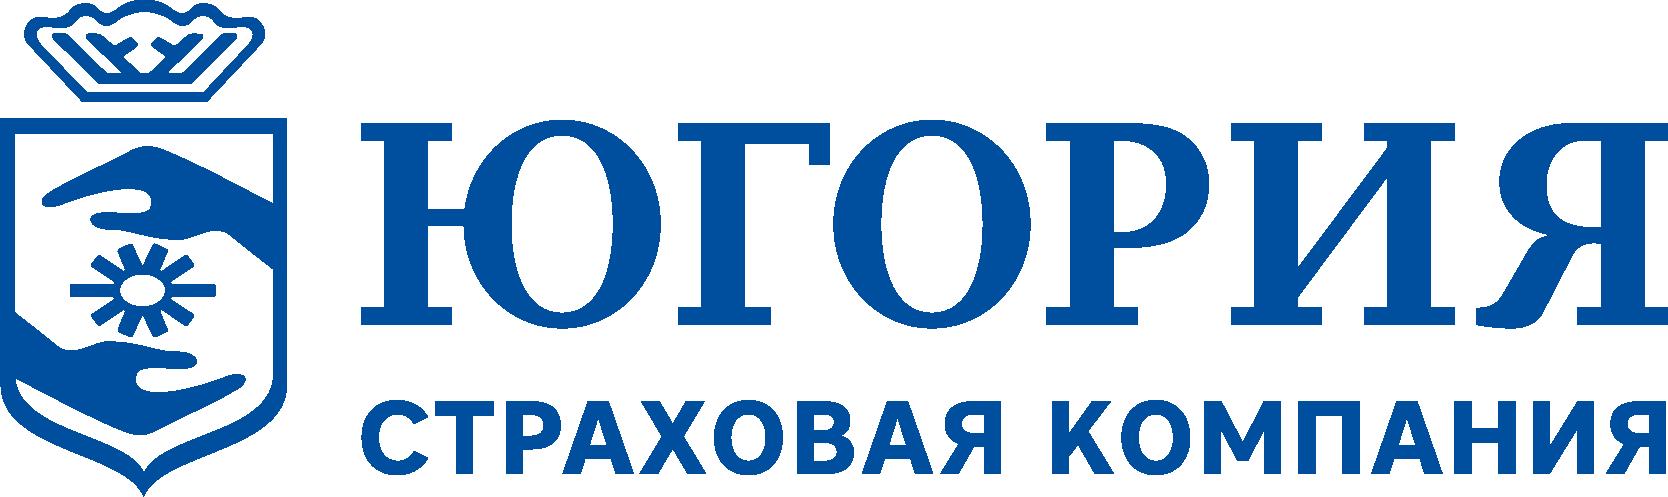 Цветной логотип АО «ГСК «Югория»